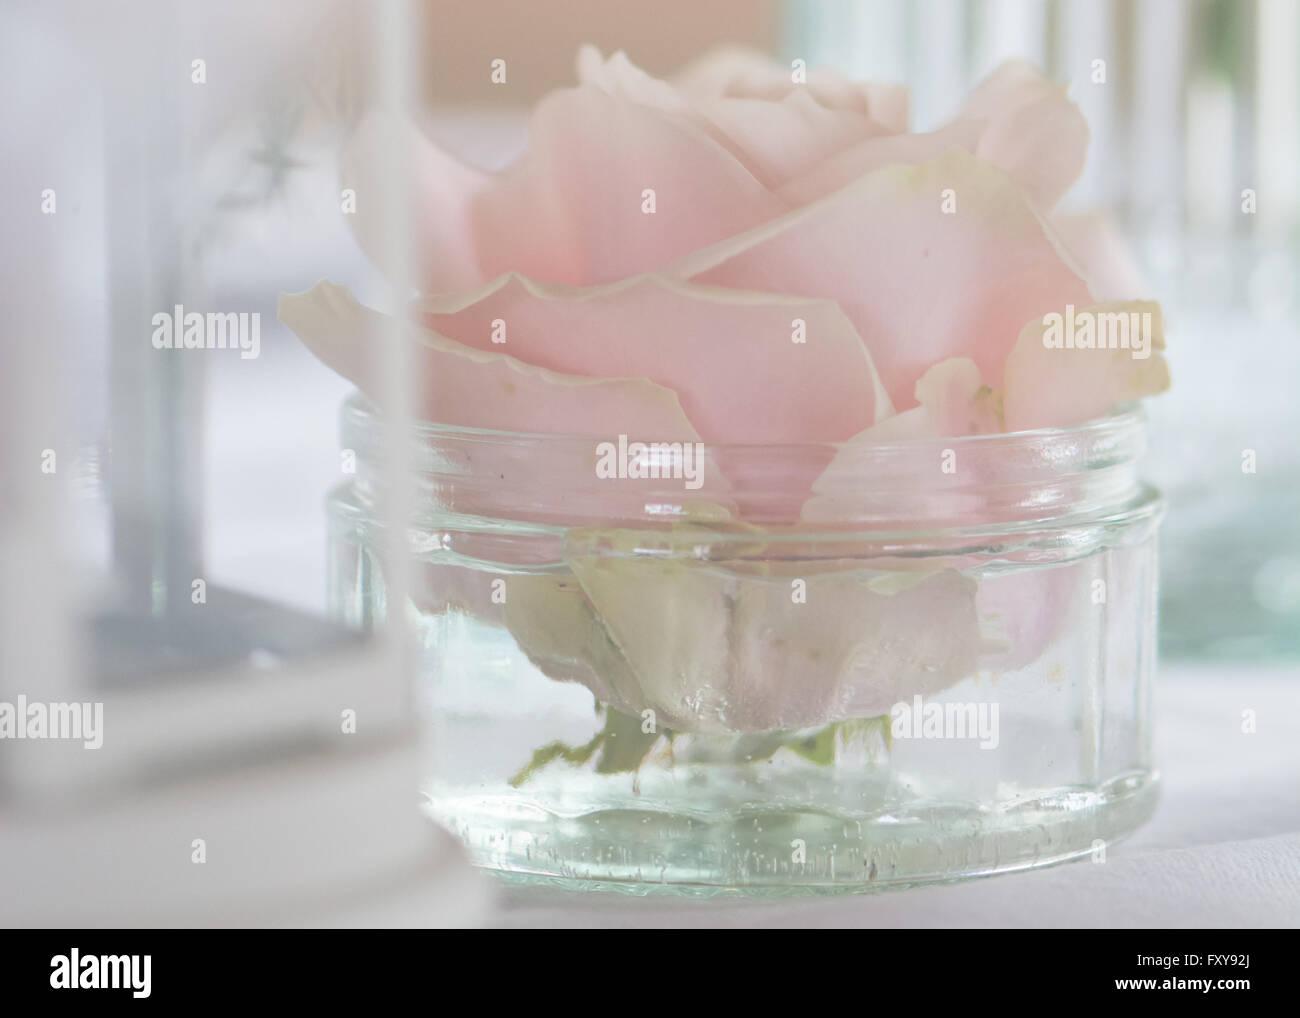 Tonos pastel rosa rosa en un tarro de vidrio estilo boho vintage flores de la boda arreglos de mesa Imagen De Stock